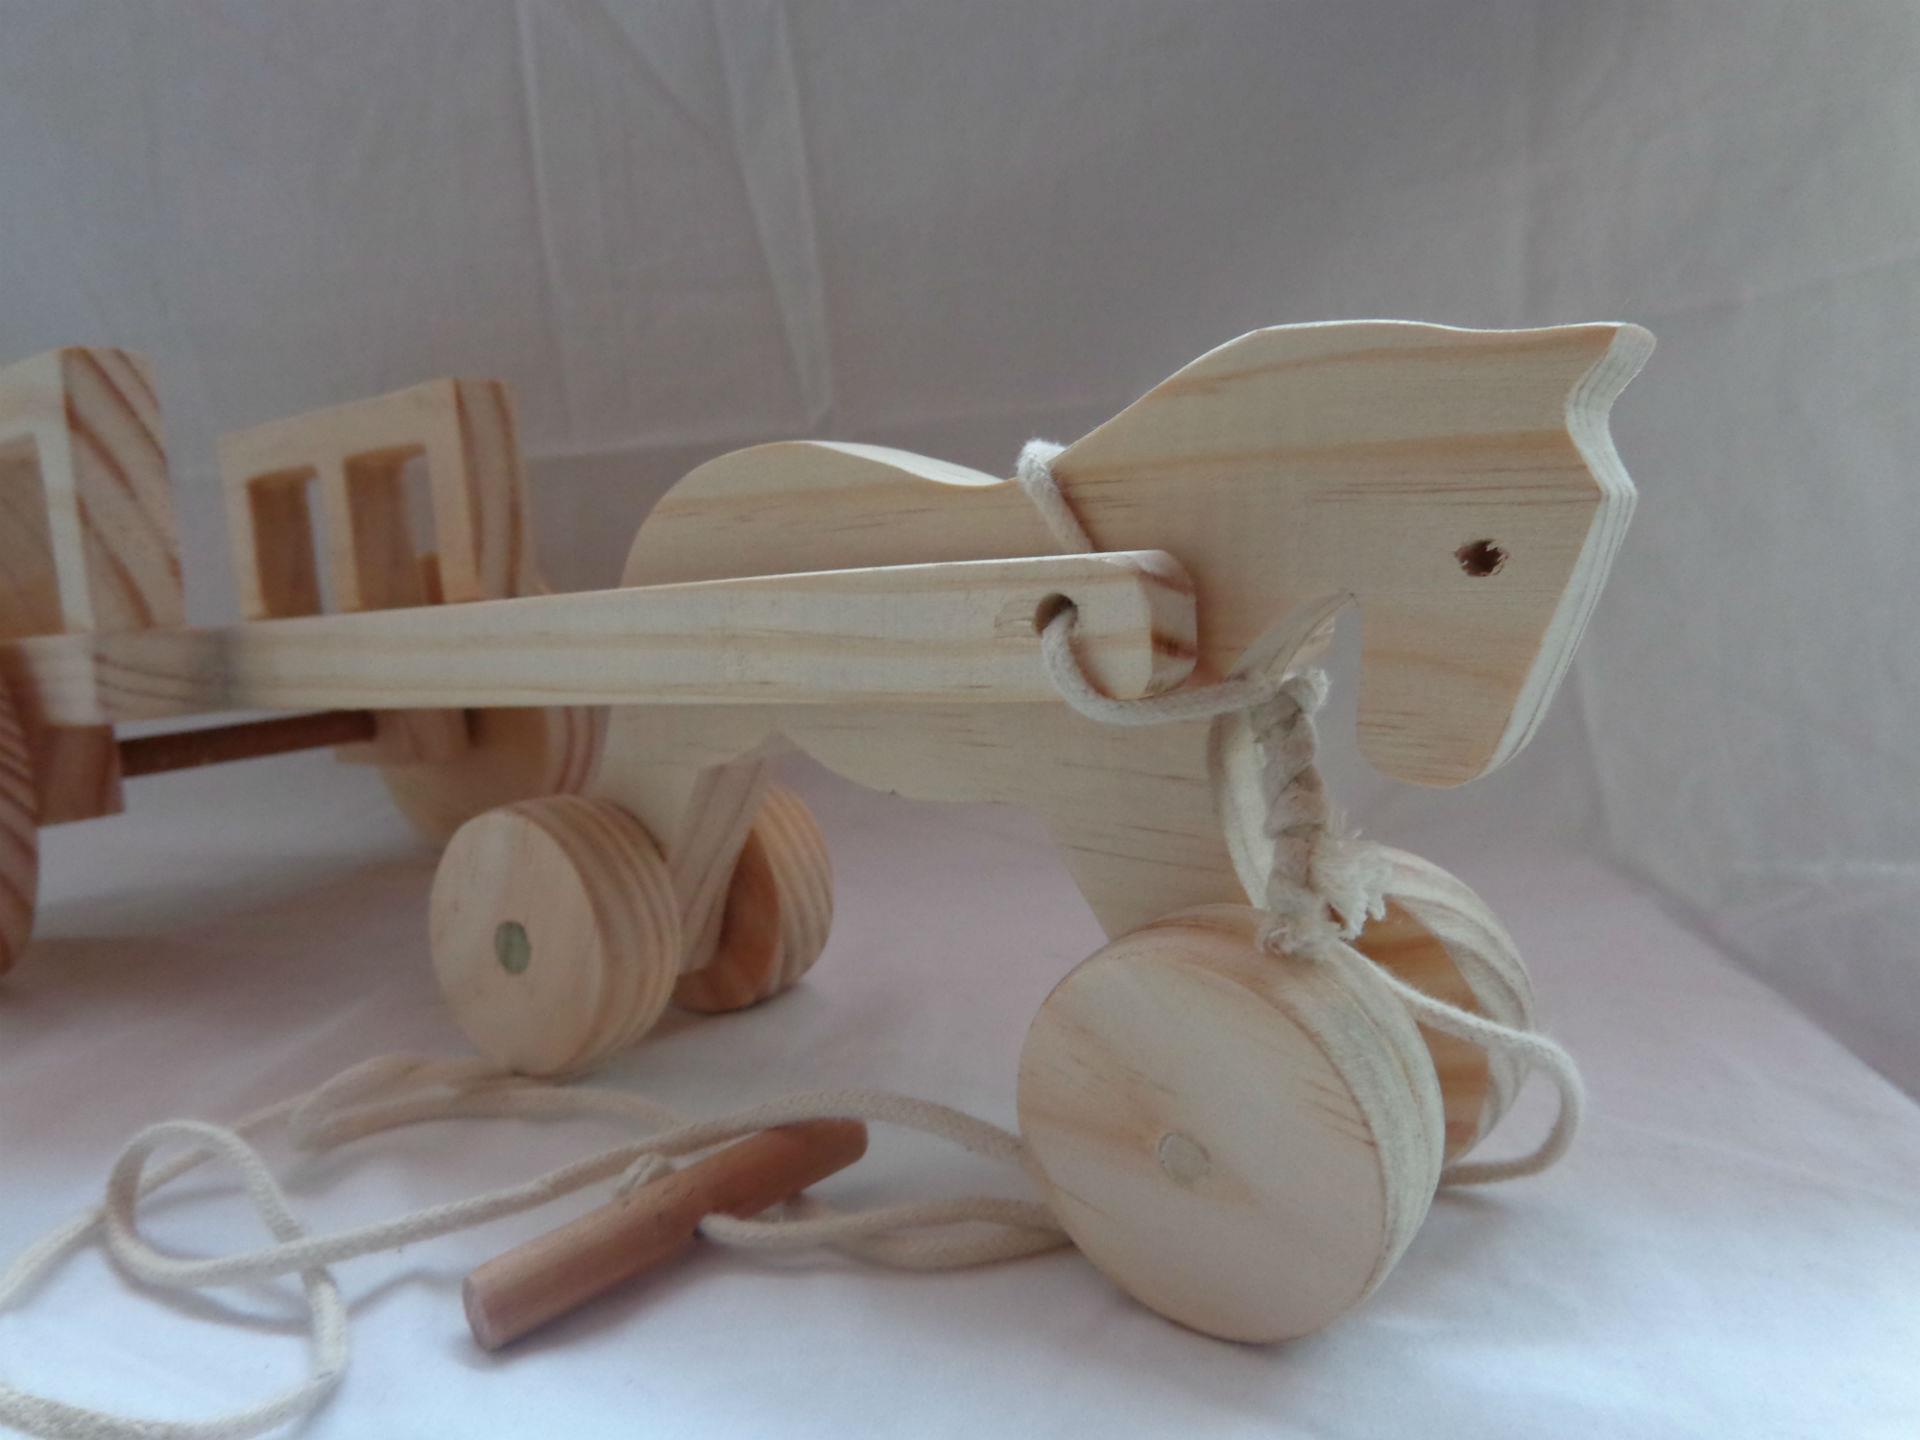 Juguetes de madera para los ni os lapanderetadeldomingo - Jugueteros de madera ...